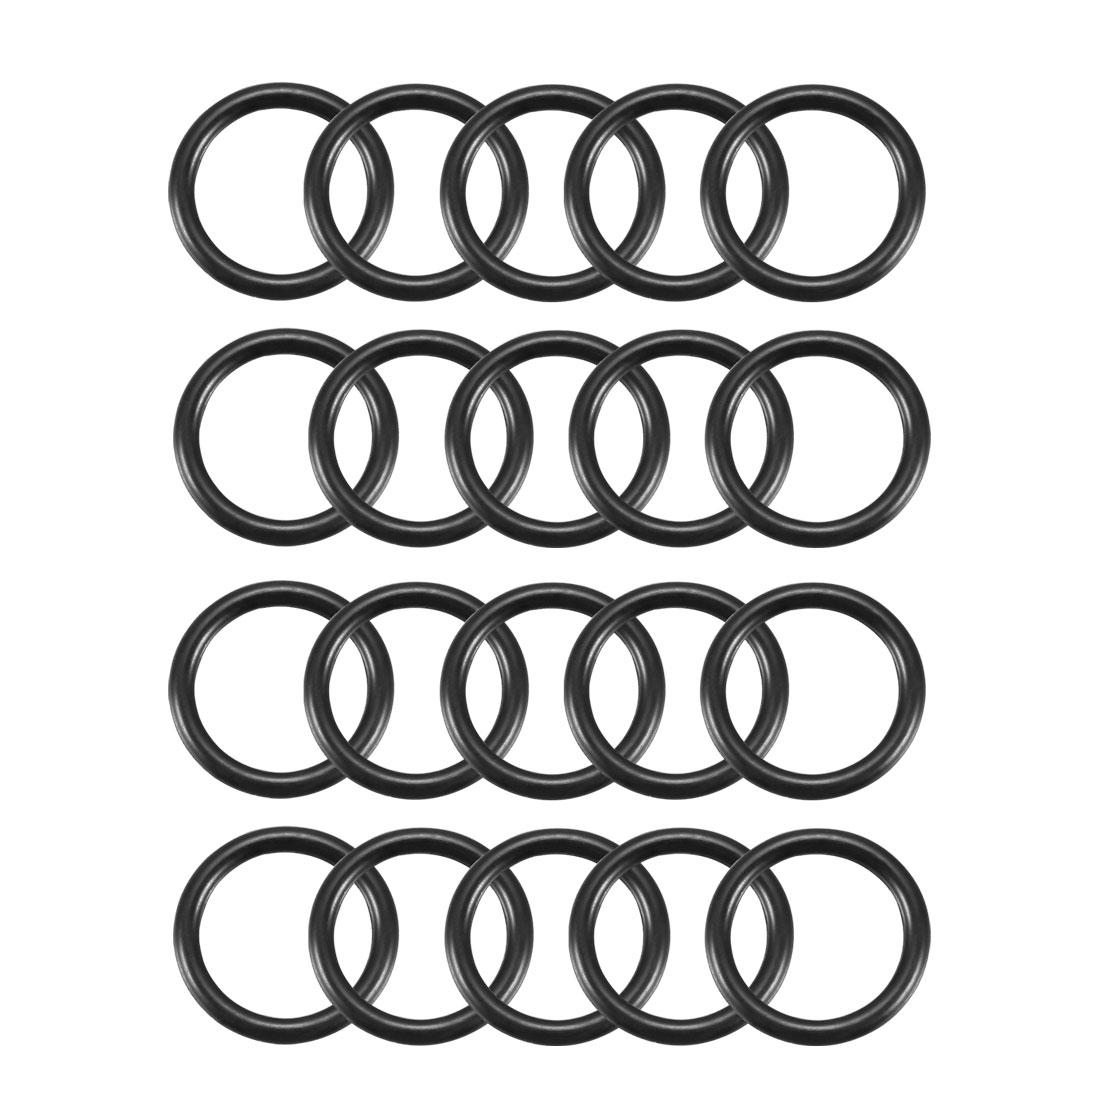 20pcs Black Nitrile Butadiene Rubber NBR O-Ring 9.5mm Inner Dia 1.5mm Width